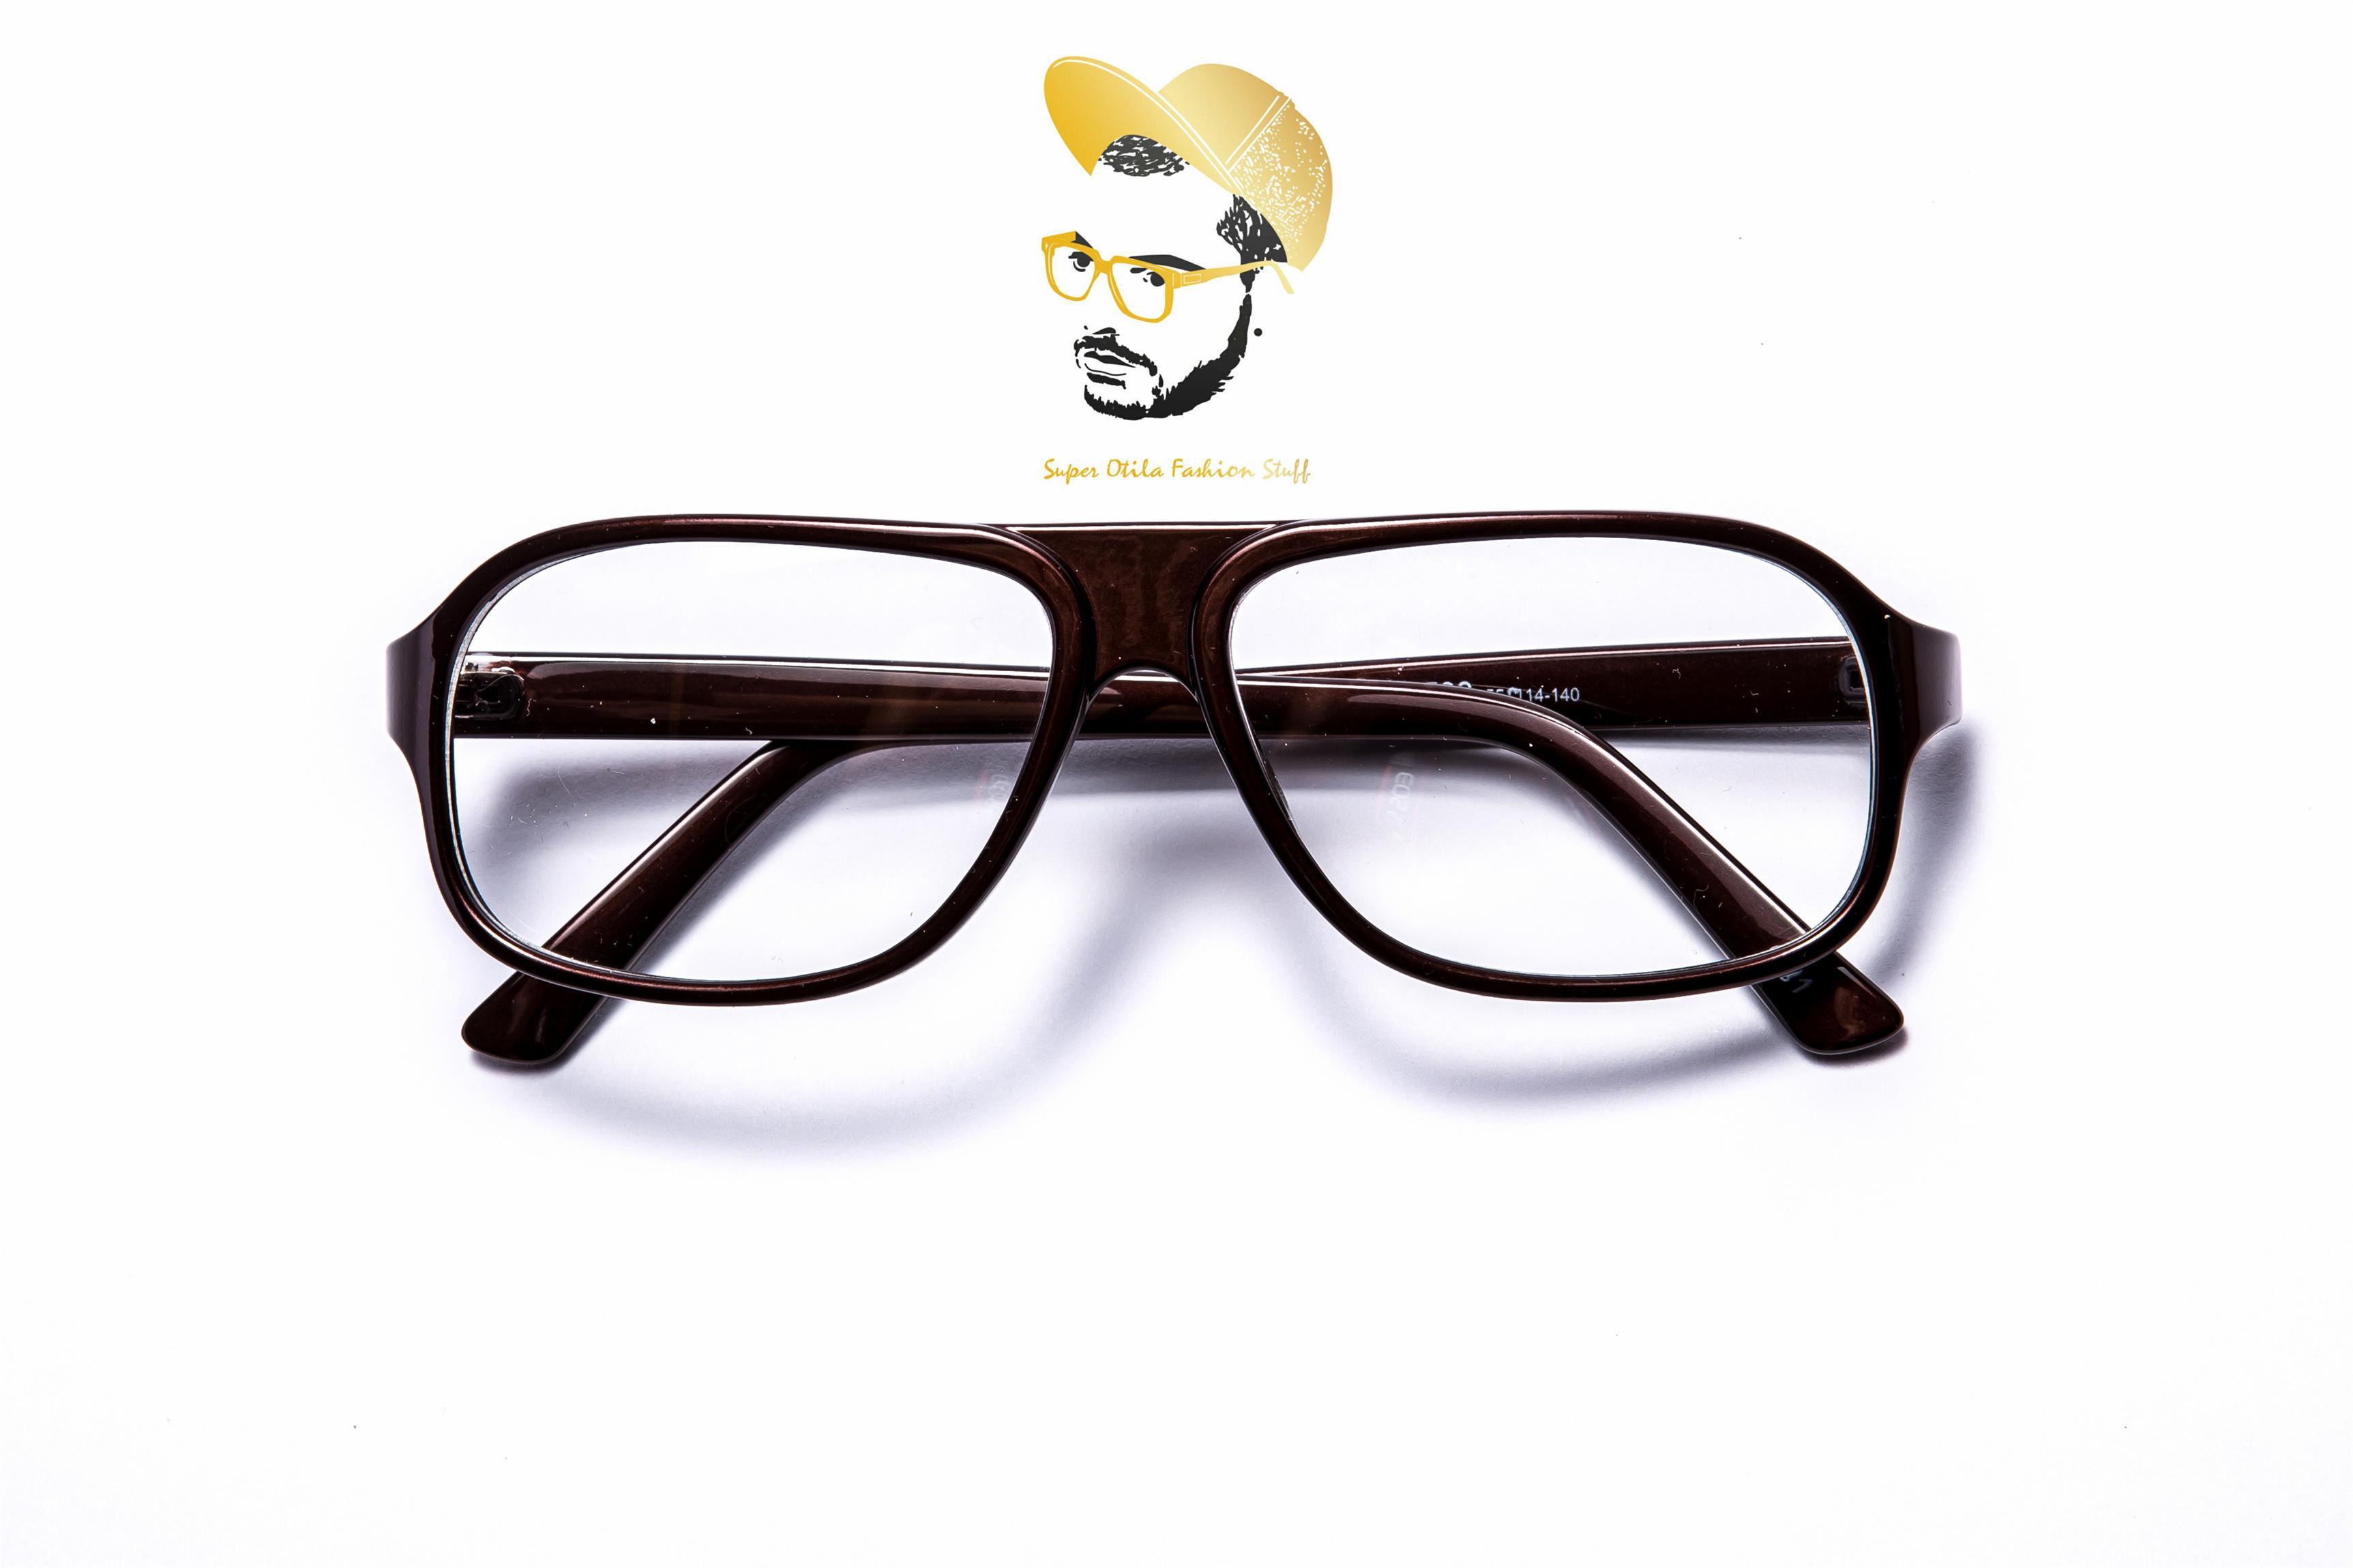 太陽眼鏡 墨鏡 眼鏡  韓國 super otila 【6738】小樹復古-香檳棕